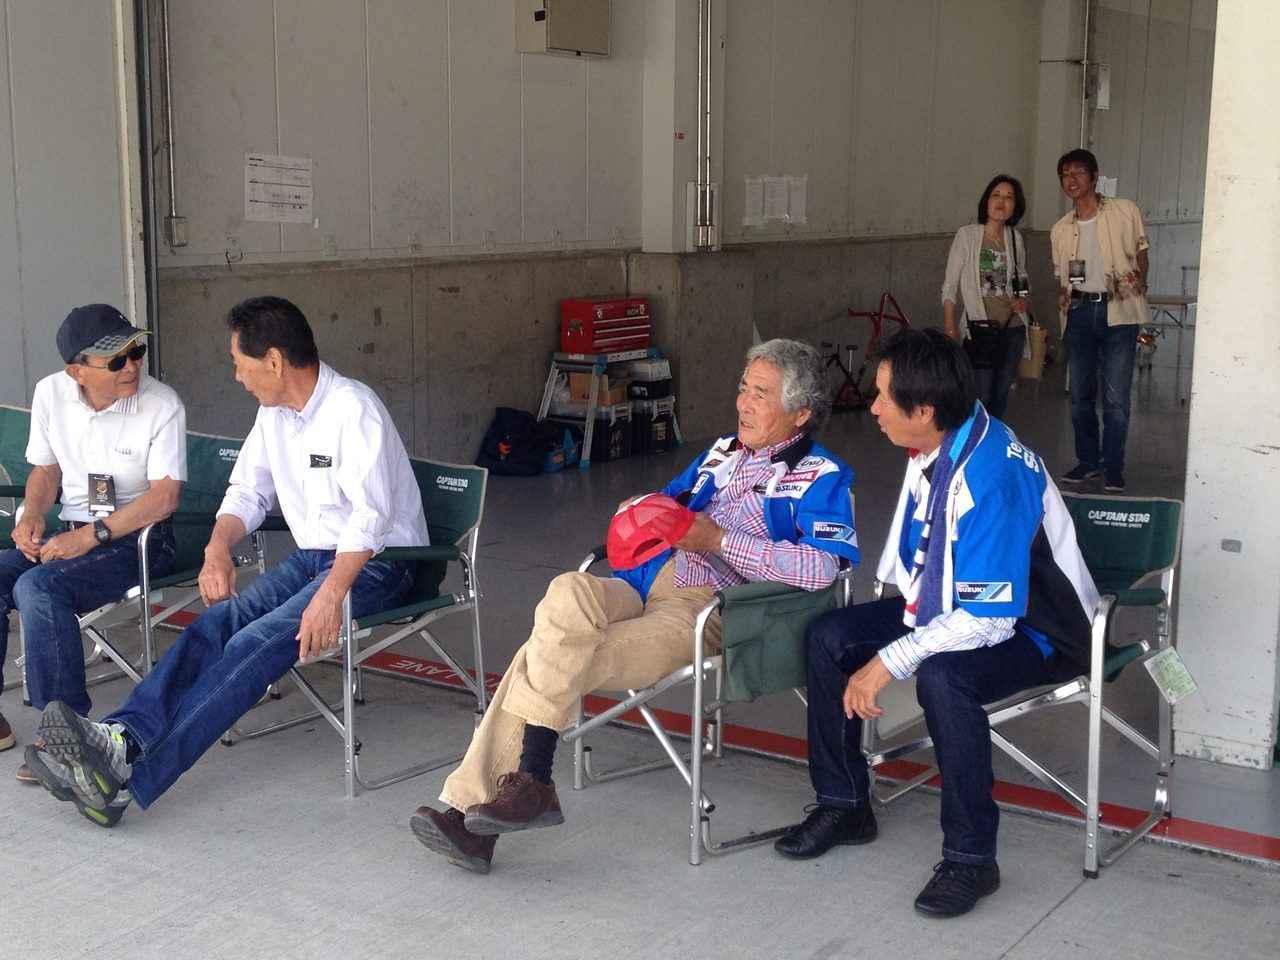 """画像: 残念ながら、RGB500のシリンダーに焼きつきが発生し、日曜日は走行できなくなってしまった水谷さん(右)。日曜日はファンサービスに励みつつ、日本のレジェンドたちのアテンド役をしていました。左からモトクロス界のレジェンド吉村太一さん、""""シャケさん""""ことexスズキ・ヤマハの名ライダー、河崎裕之さん。そしてスズキの重鎮岡本さんです。"""